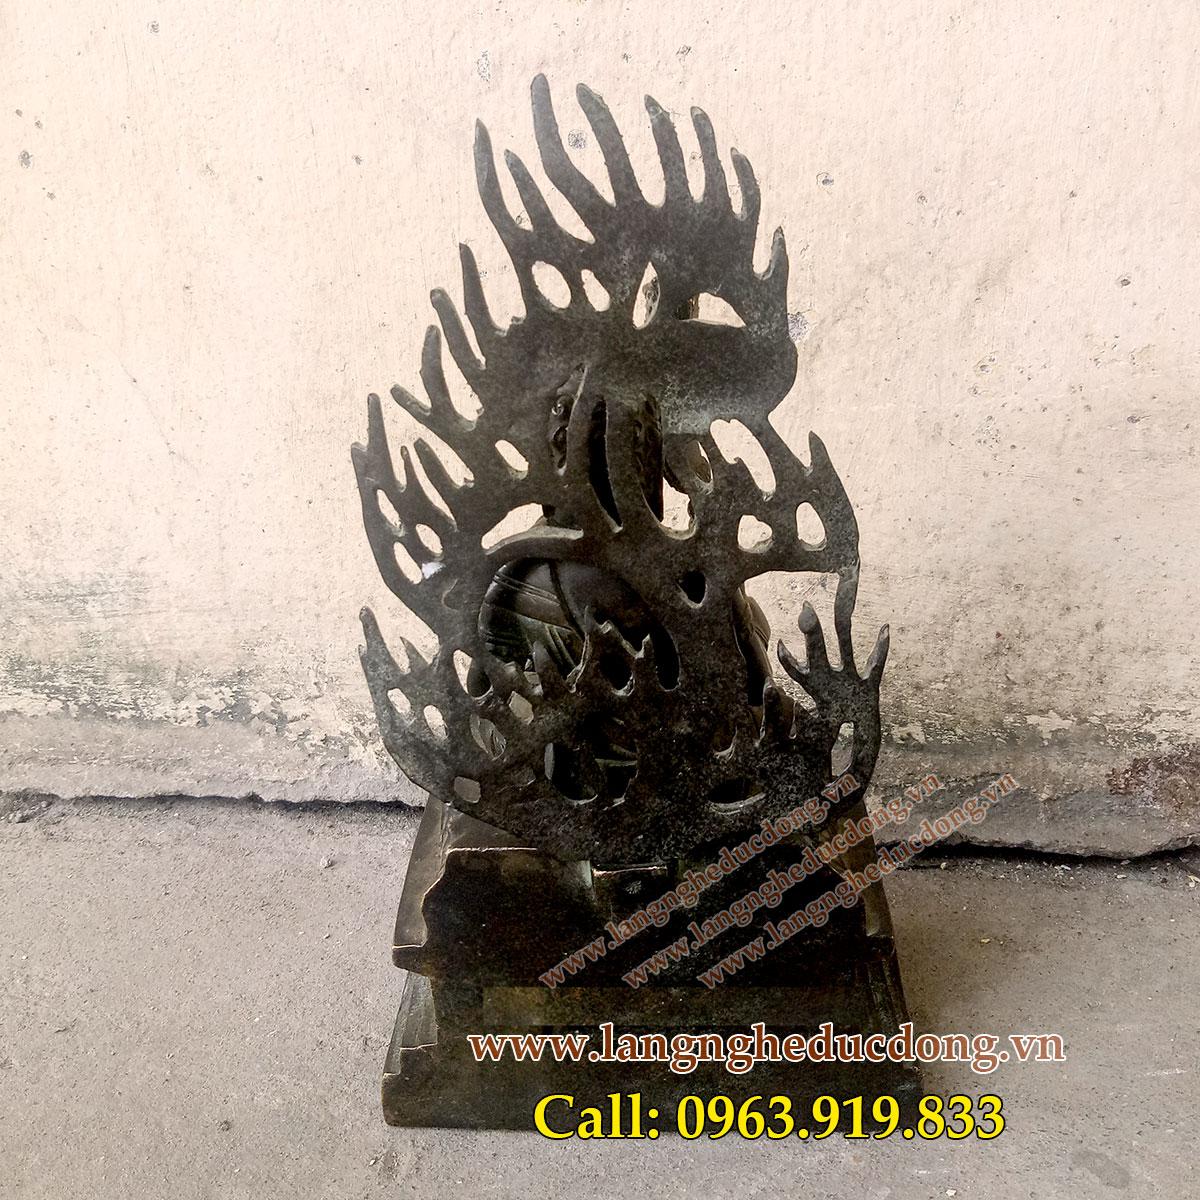 langngheducdong.vn - tượng đồng, tượng phật, tượng giả cổ, đúc tượng đồng, tượng đồng phong thủy